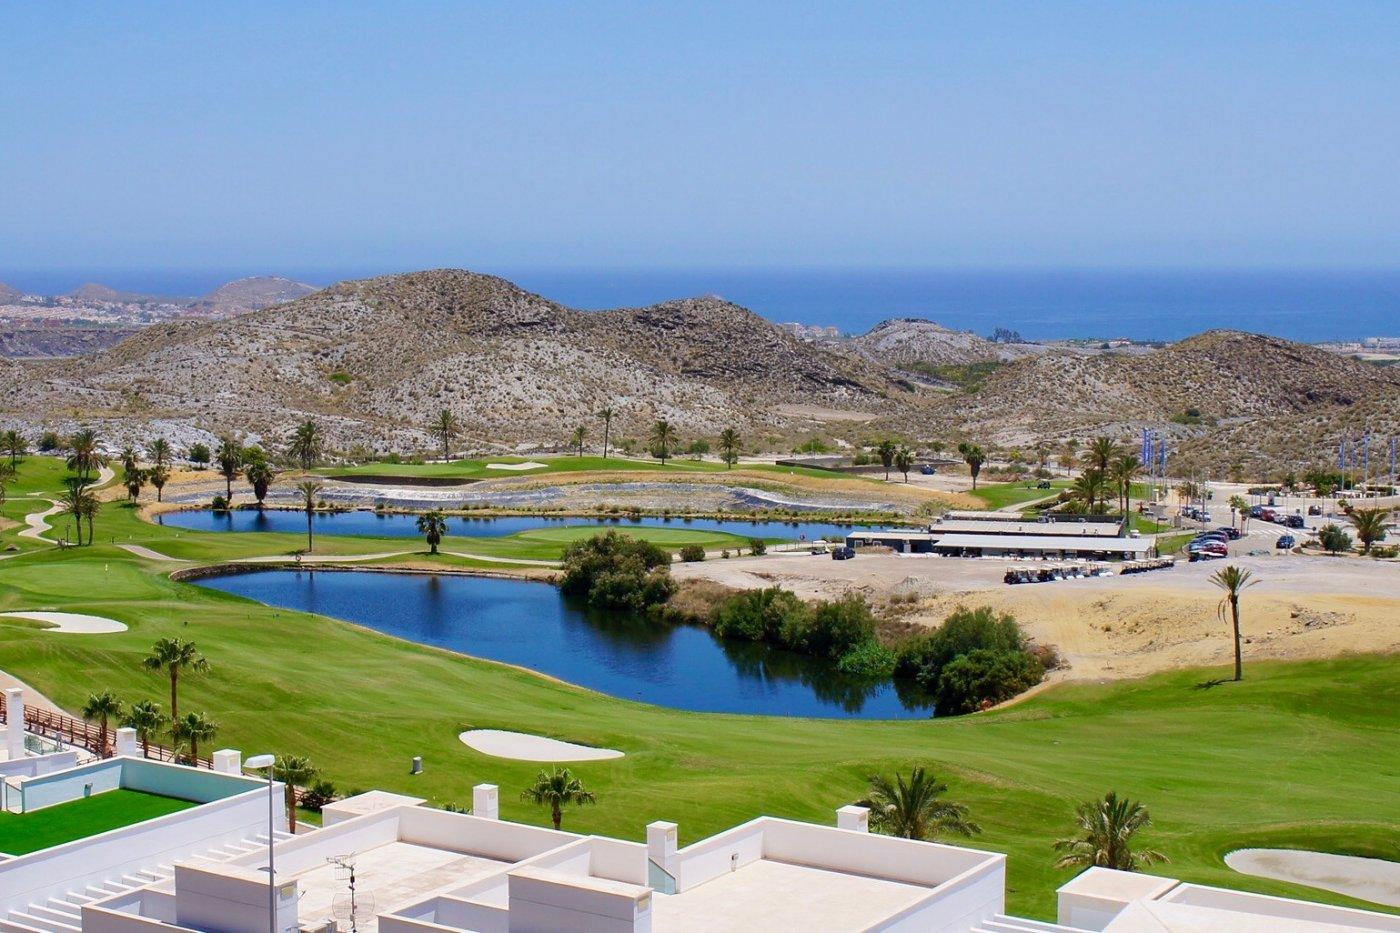 Imagen de la galería 2 of Increíbles vistas panorámicas desde este increíble ático con gran terraza y solarium